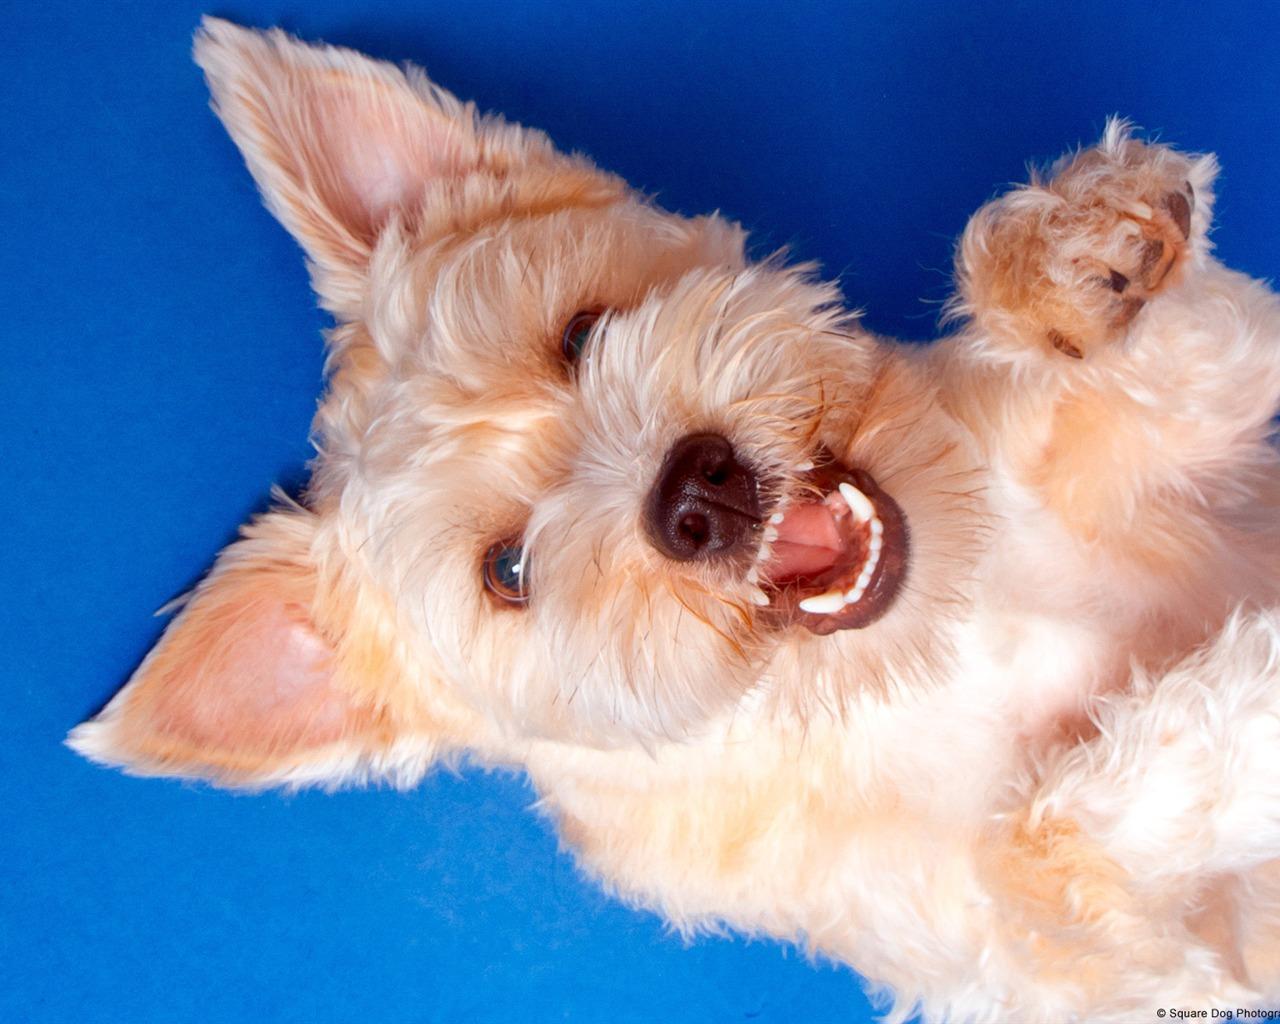 梗犬_描述: 微笑的梗犬-windows图片壁纸 当前壁纸尺寸: 1280 x 1024